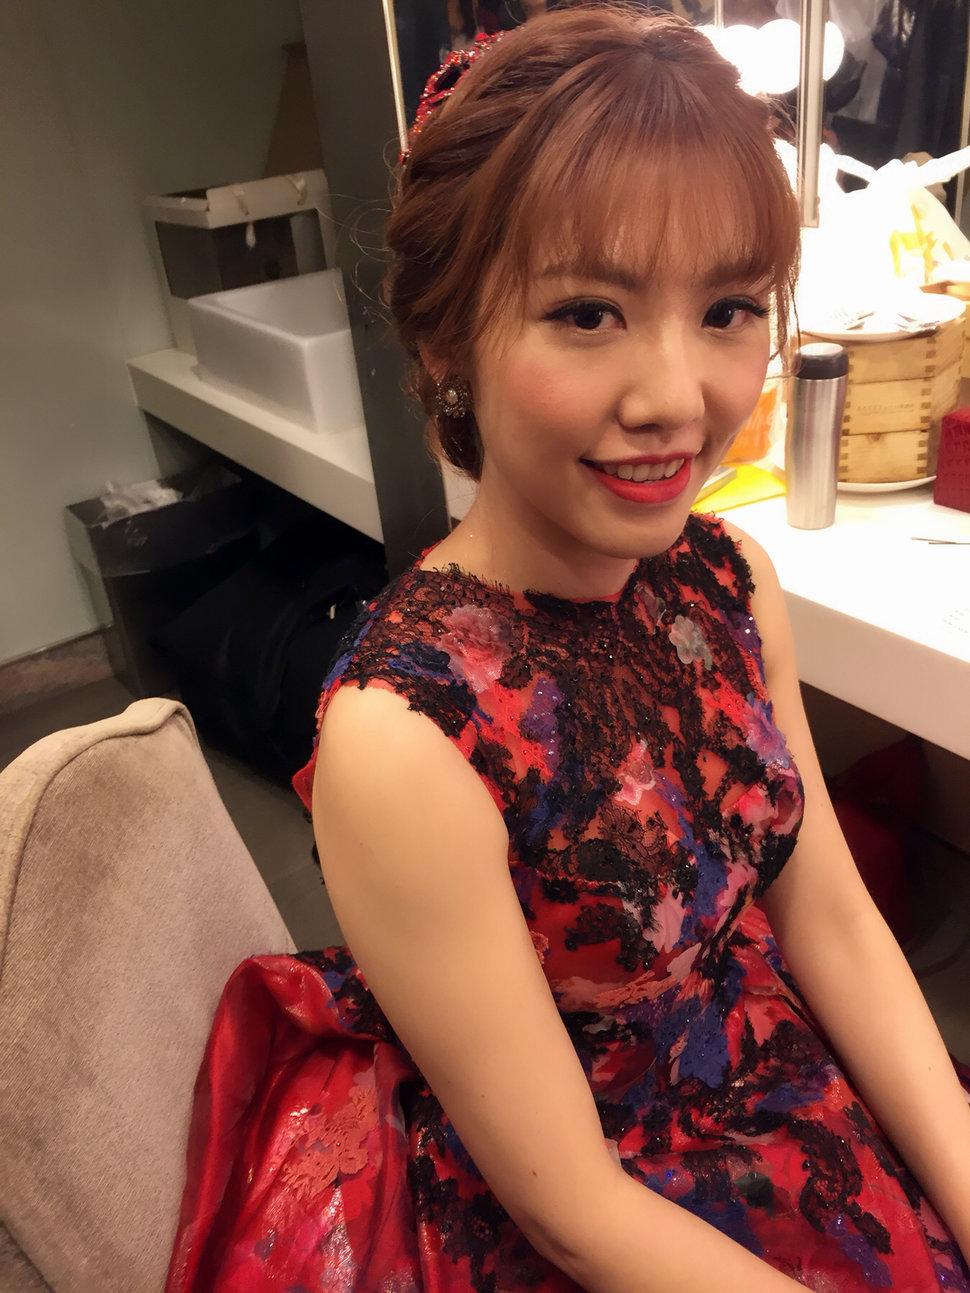 183 - 桓伶 (huan-ling ) - 結婚吧